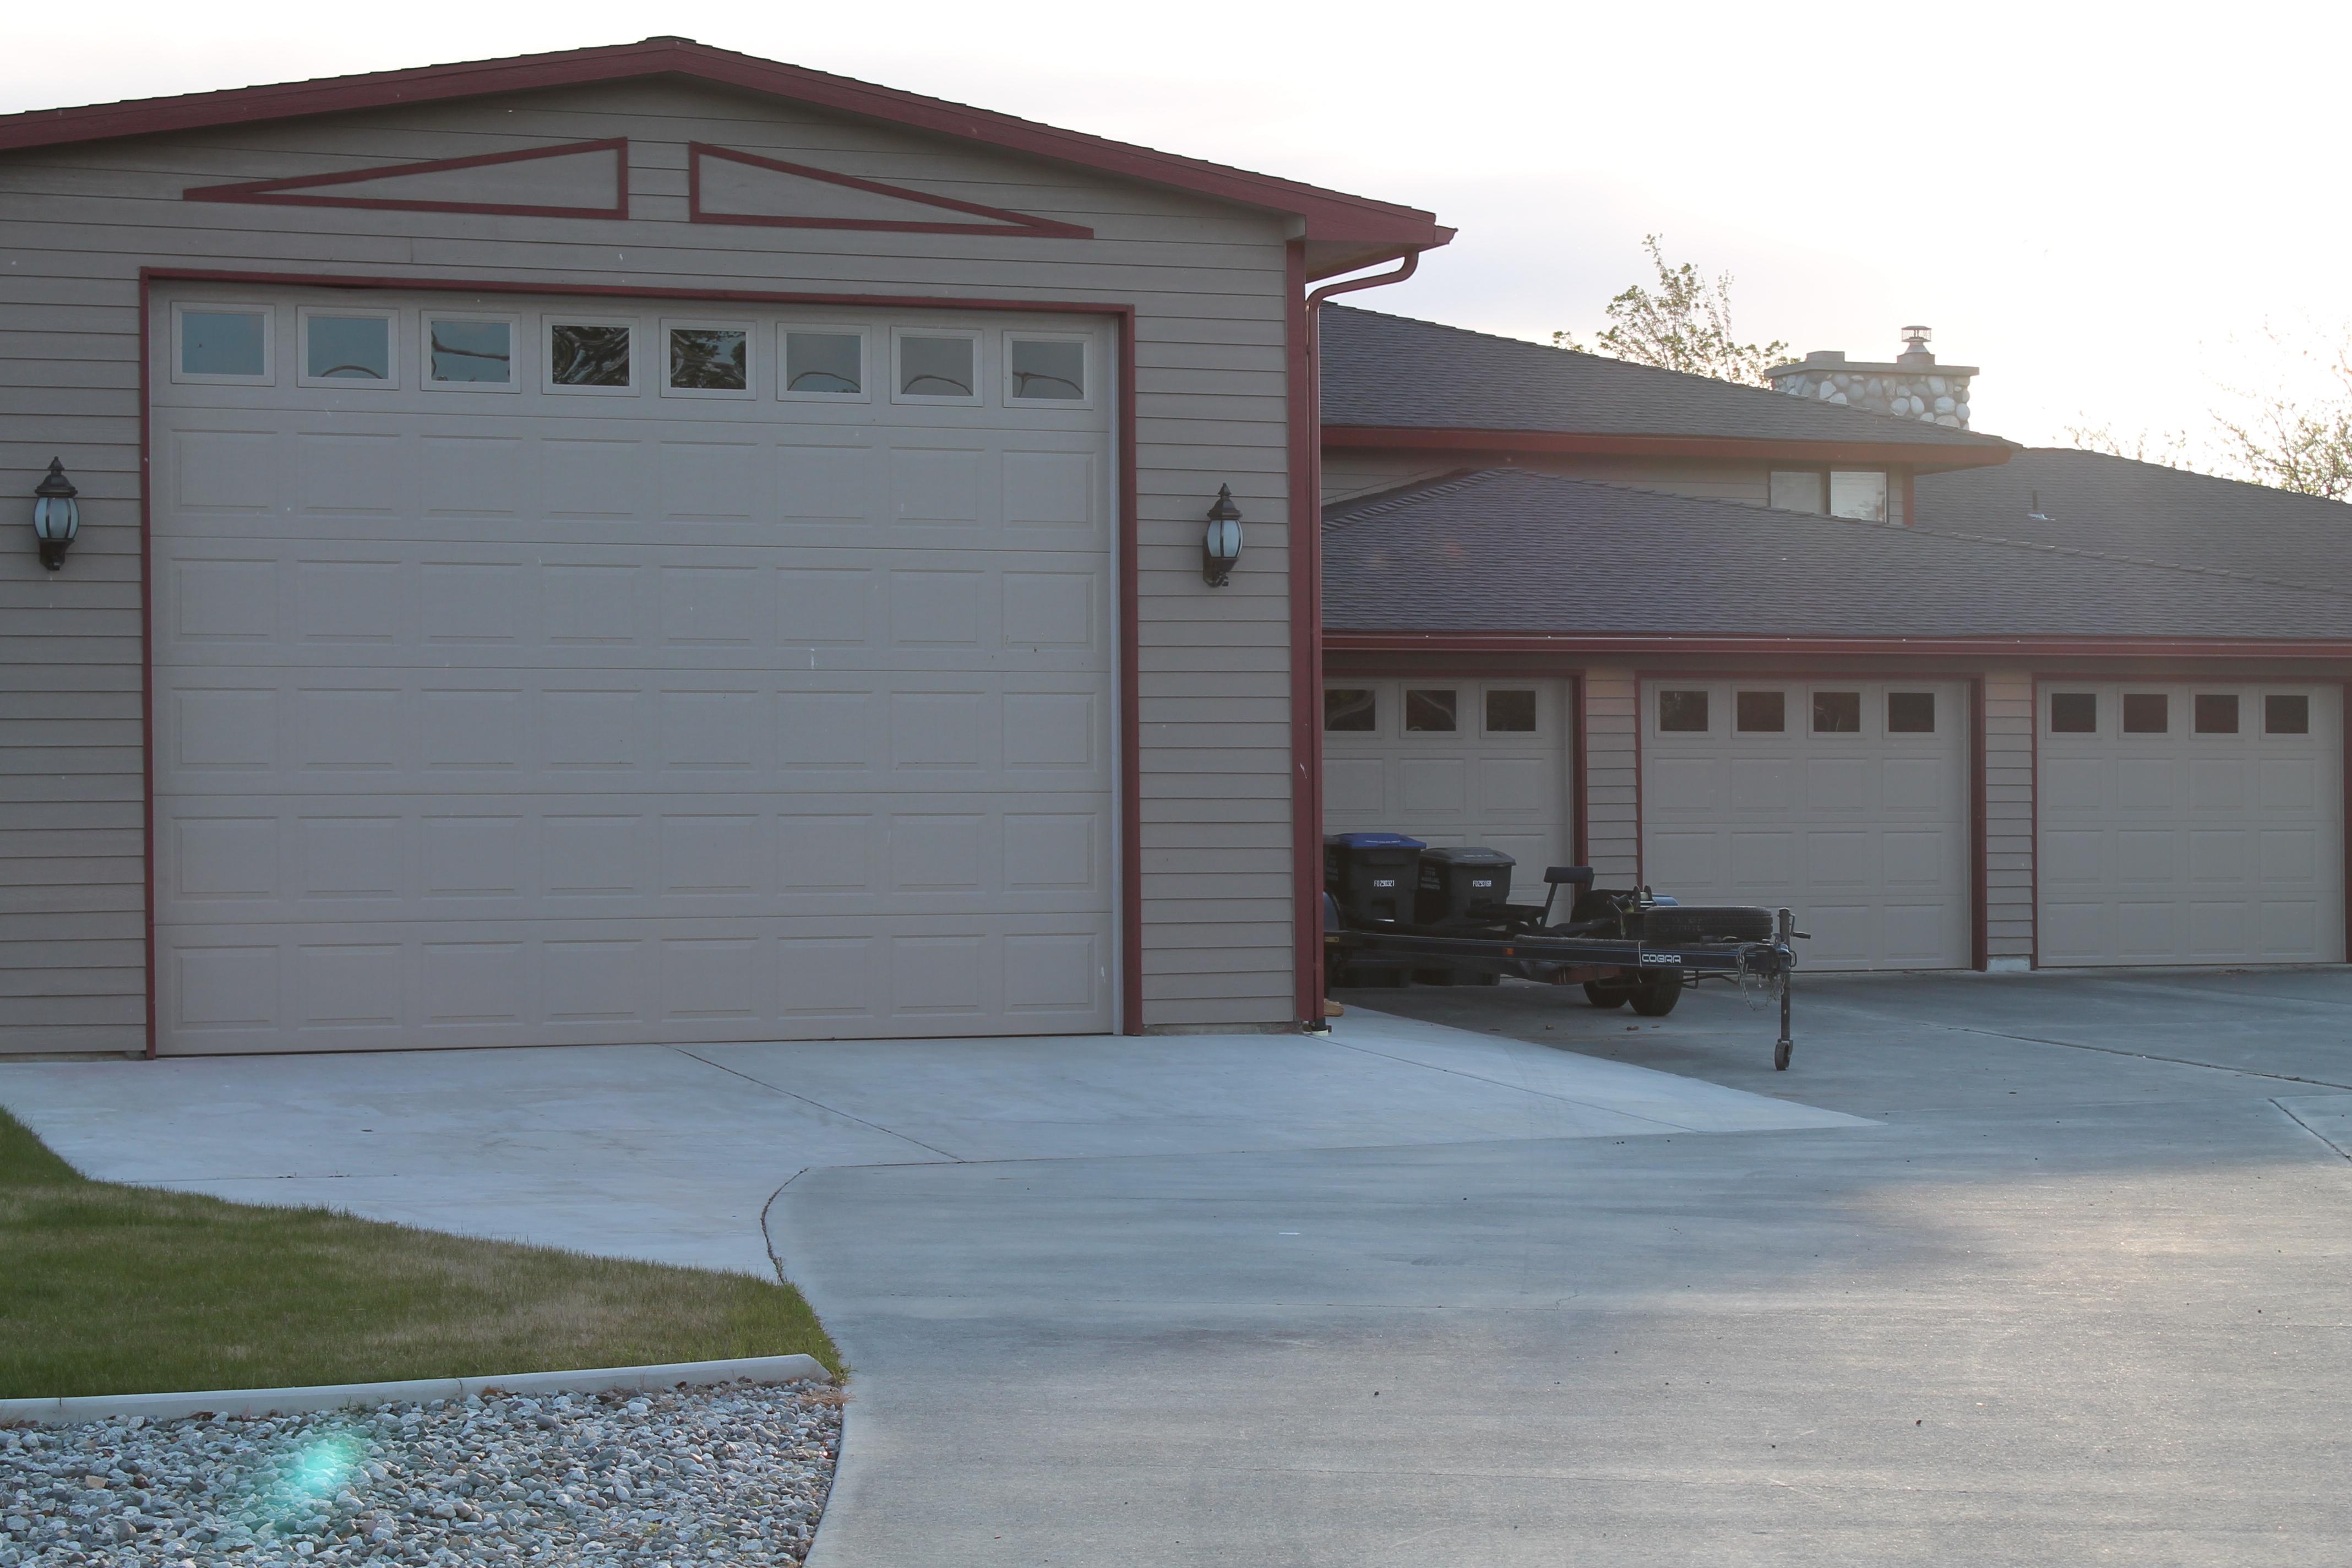 28 Garage Door Repair Bellevue Wa Decor23